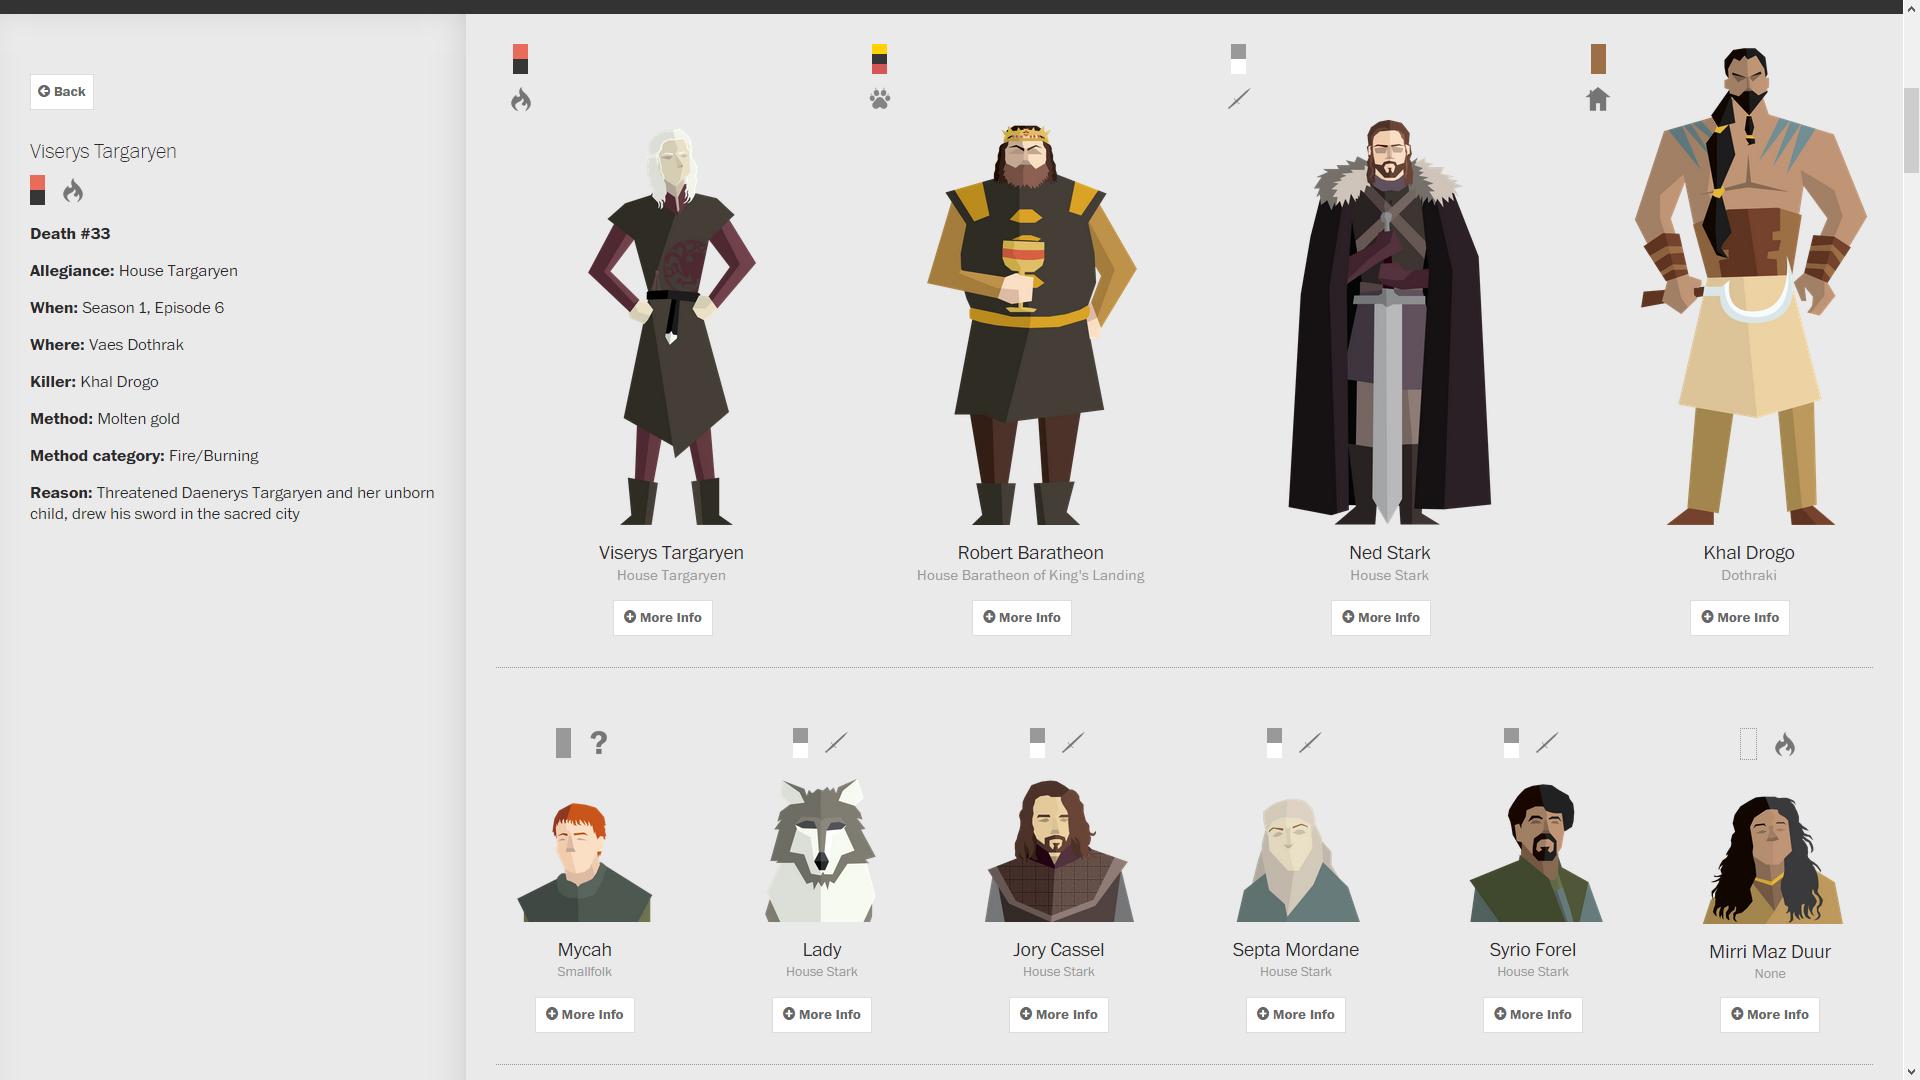 Инфографика: все смерти в «Игре престолов». - Изображение 1